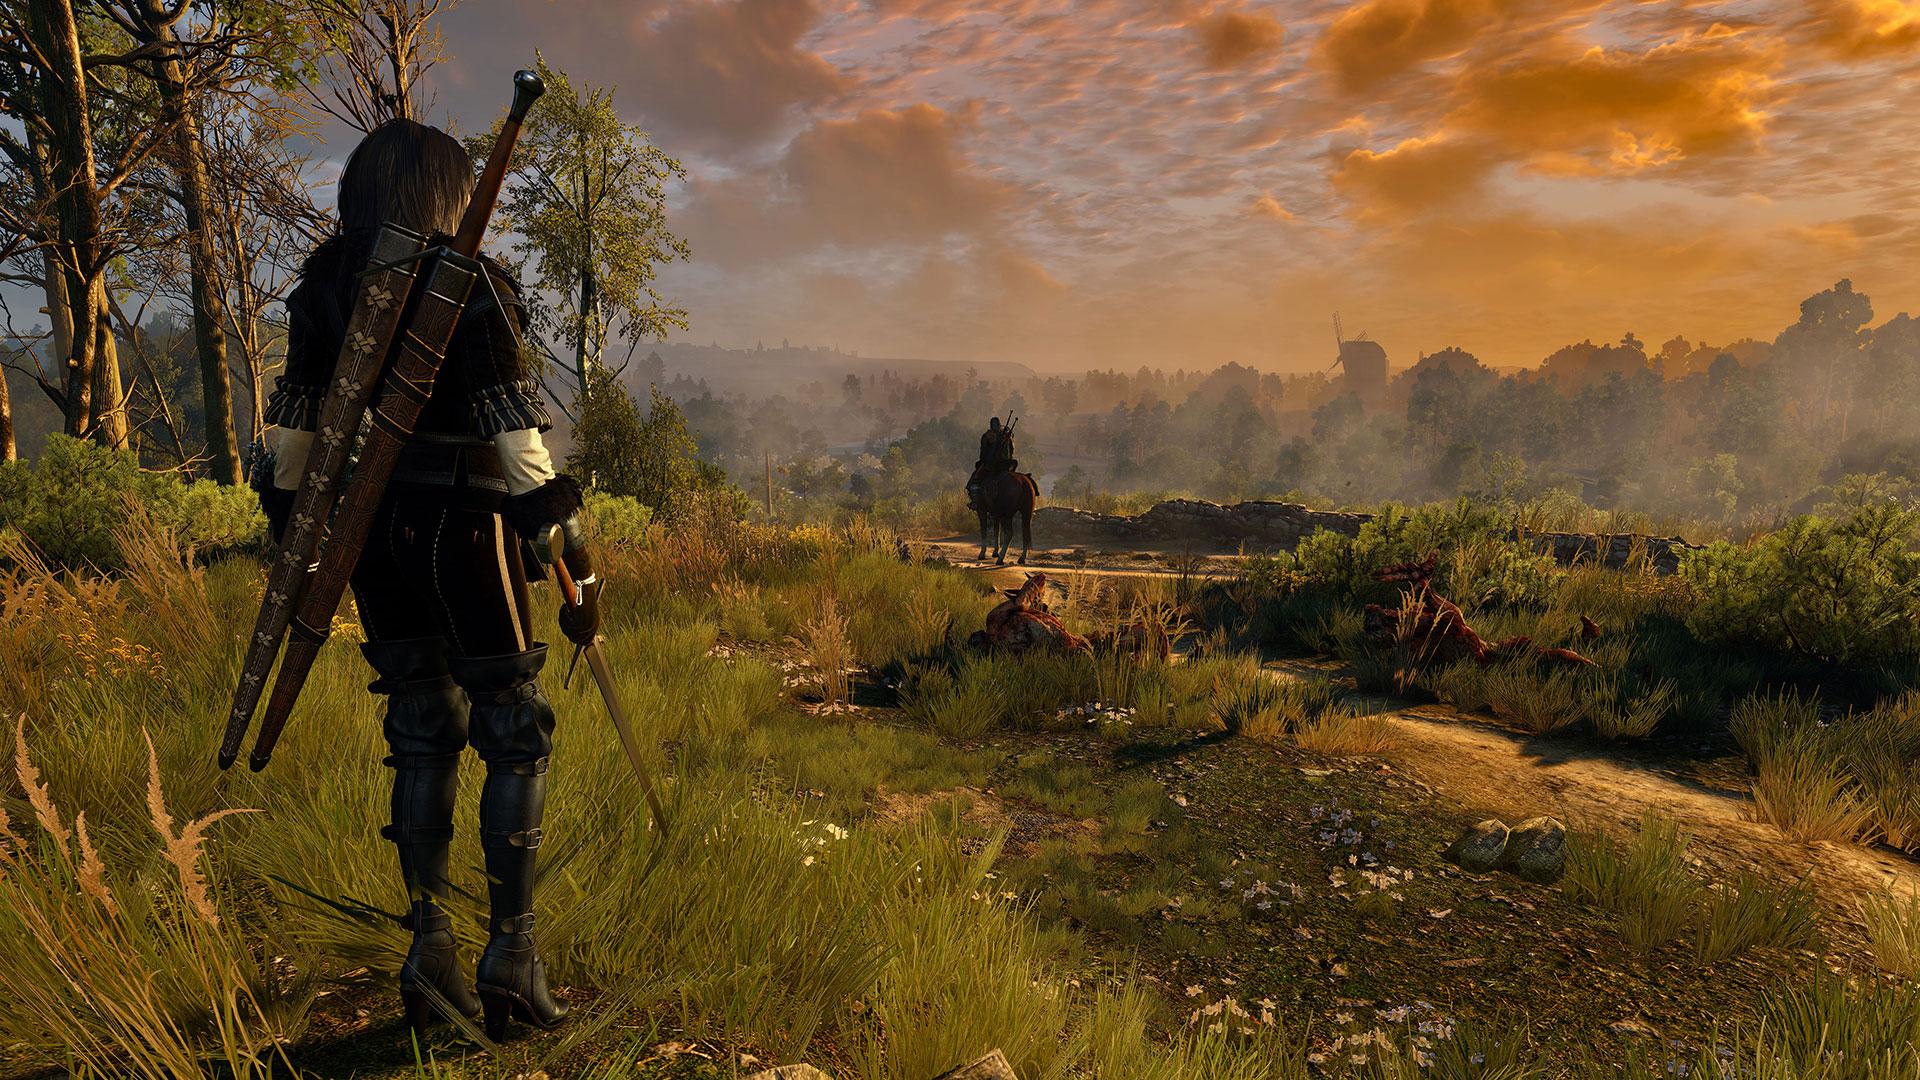 20799feb11c558114de5efdef0aaefc6.jpg - Witcher 3: Wild Hunt, the